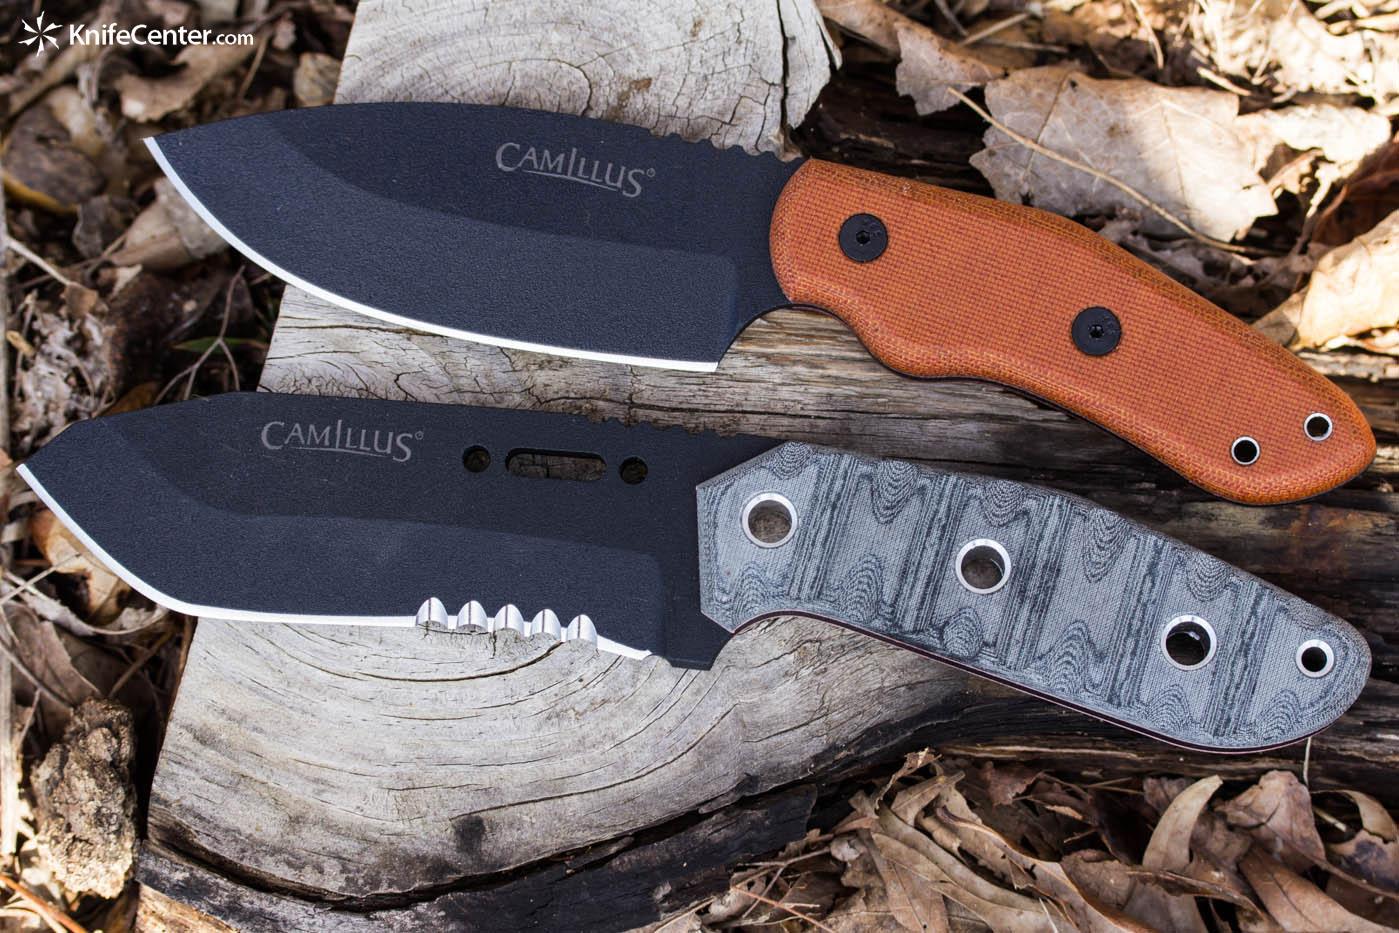 Camillus Knives